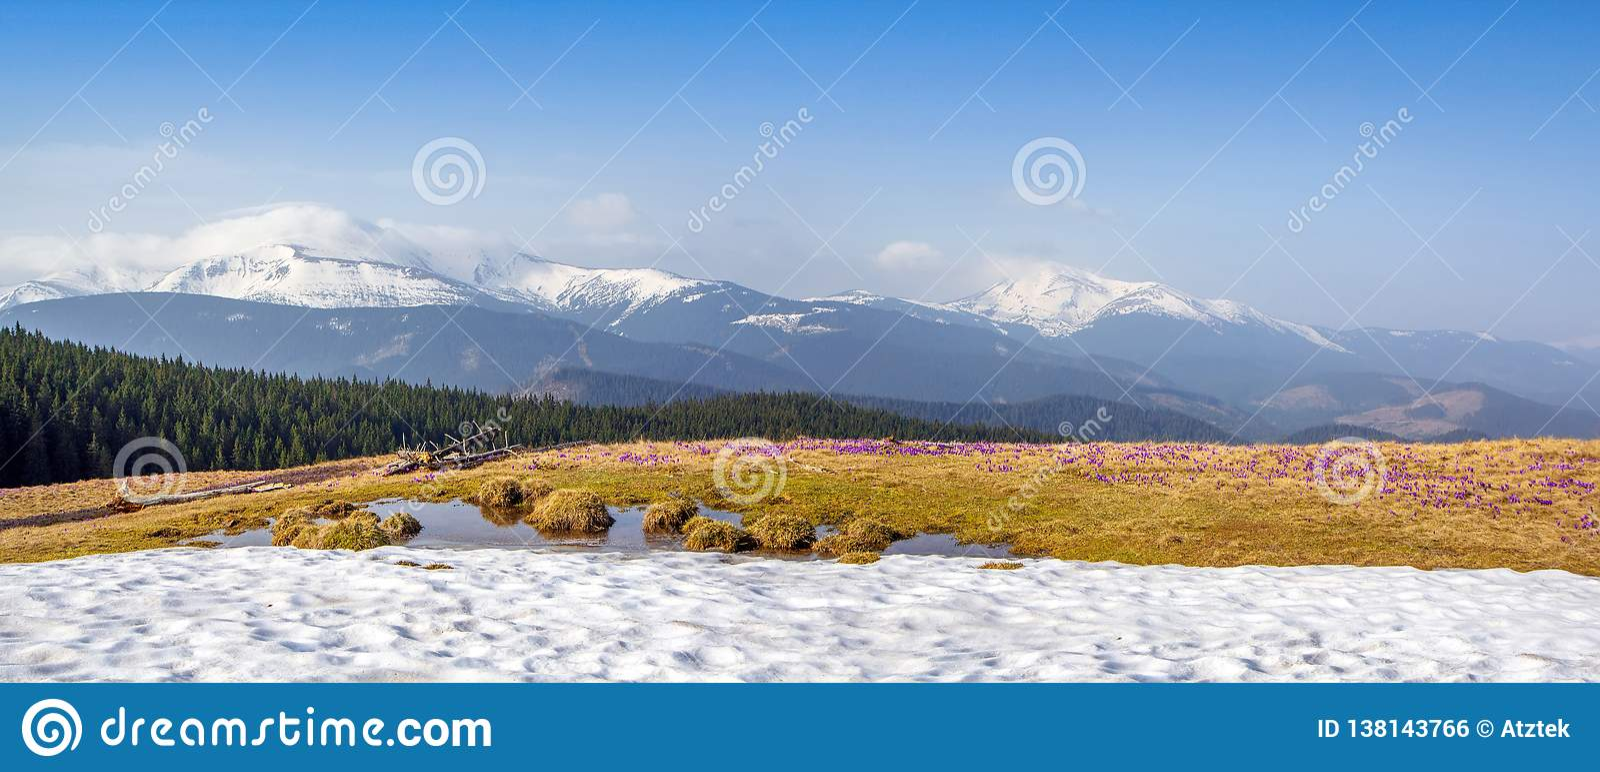 La fonte de neige de ressort et dans les vallées carpathiennes élèvent de beaux crocus alpins de fleurs, ils sont également Geyfe